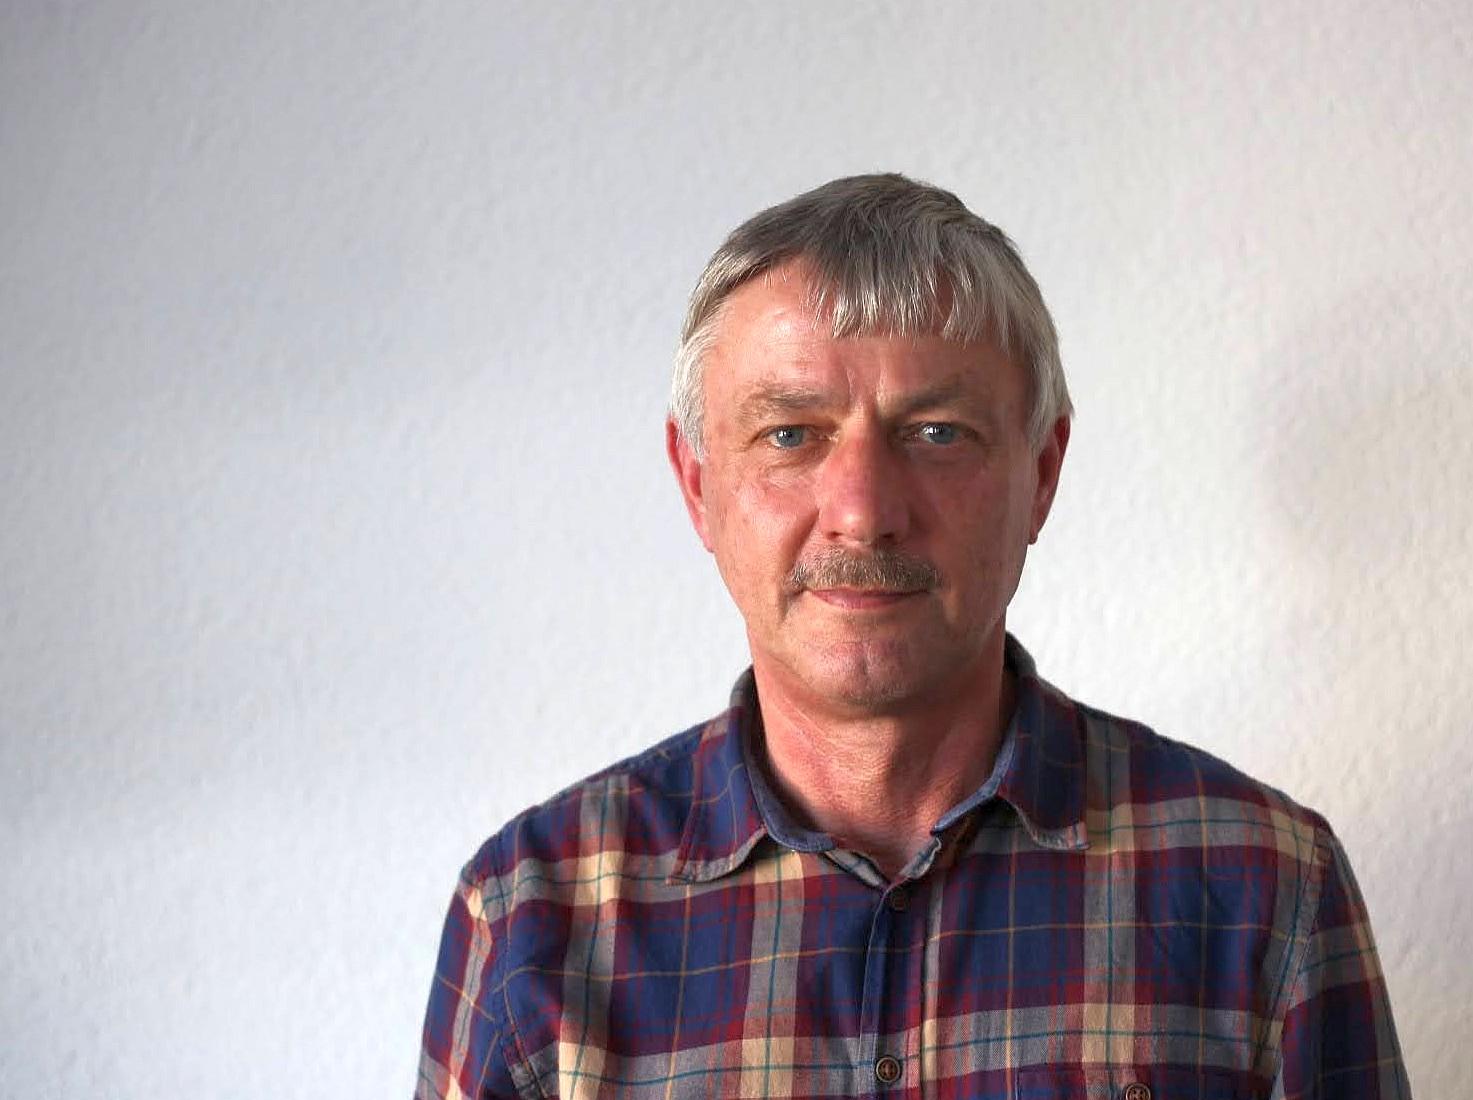 Herr Plötner von der Agrargenossenschaft Kauern ist leidenschaftlicher Landwirt. (Foto: Sven Wernicke)